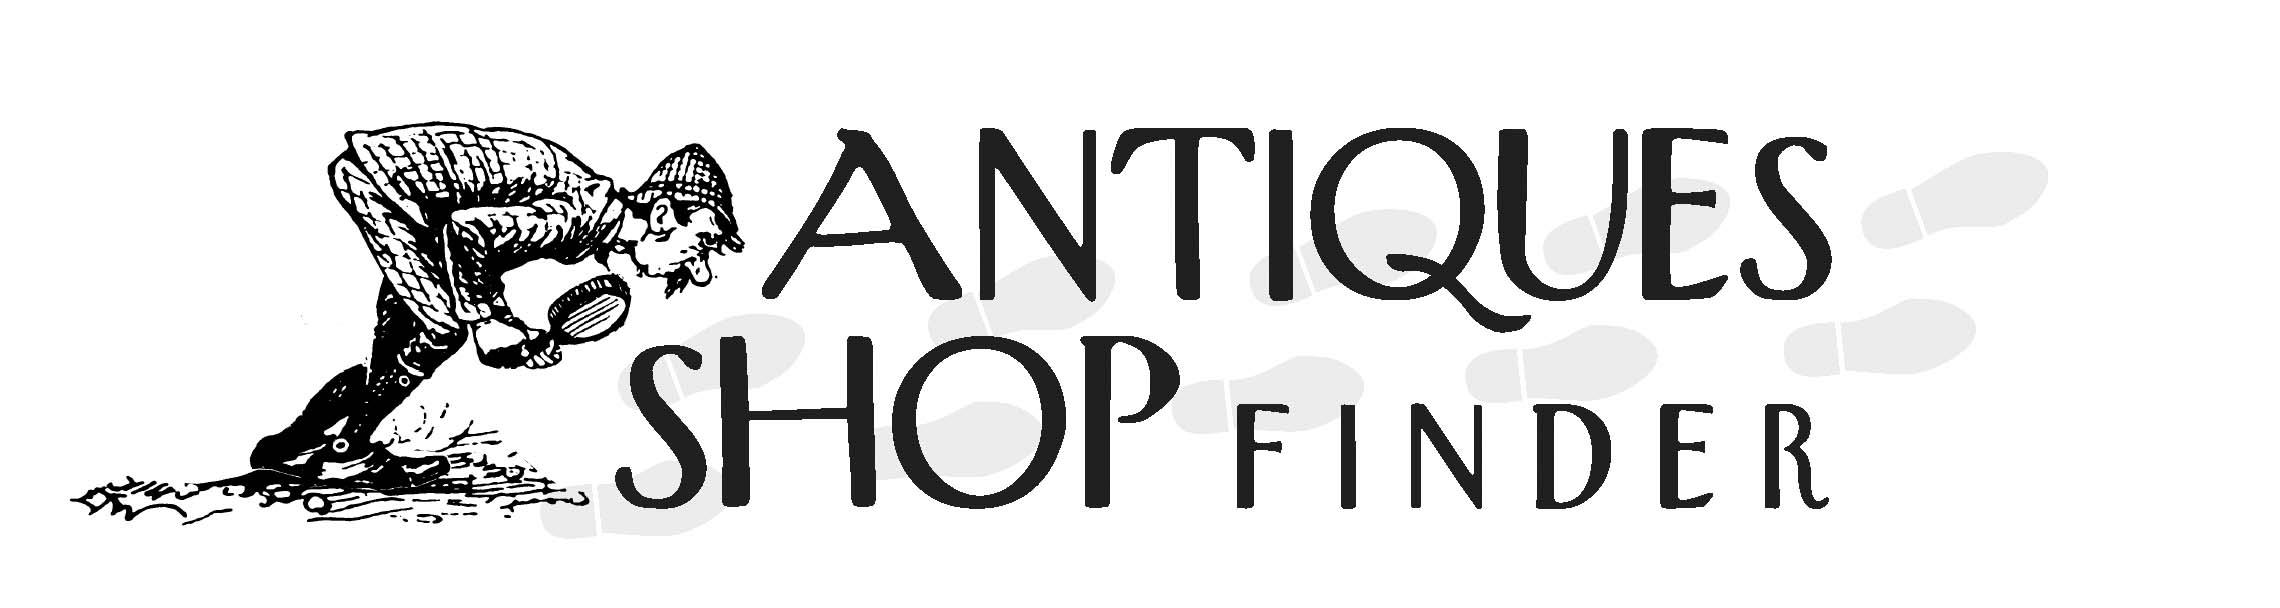 Journal of Antiques Shop Finder Listing